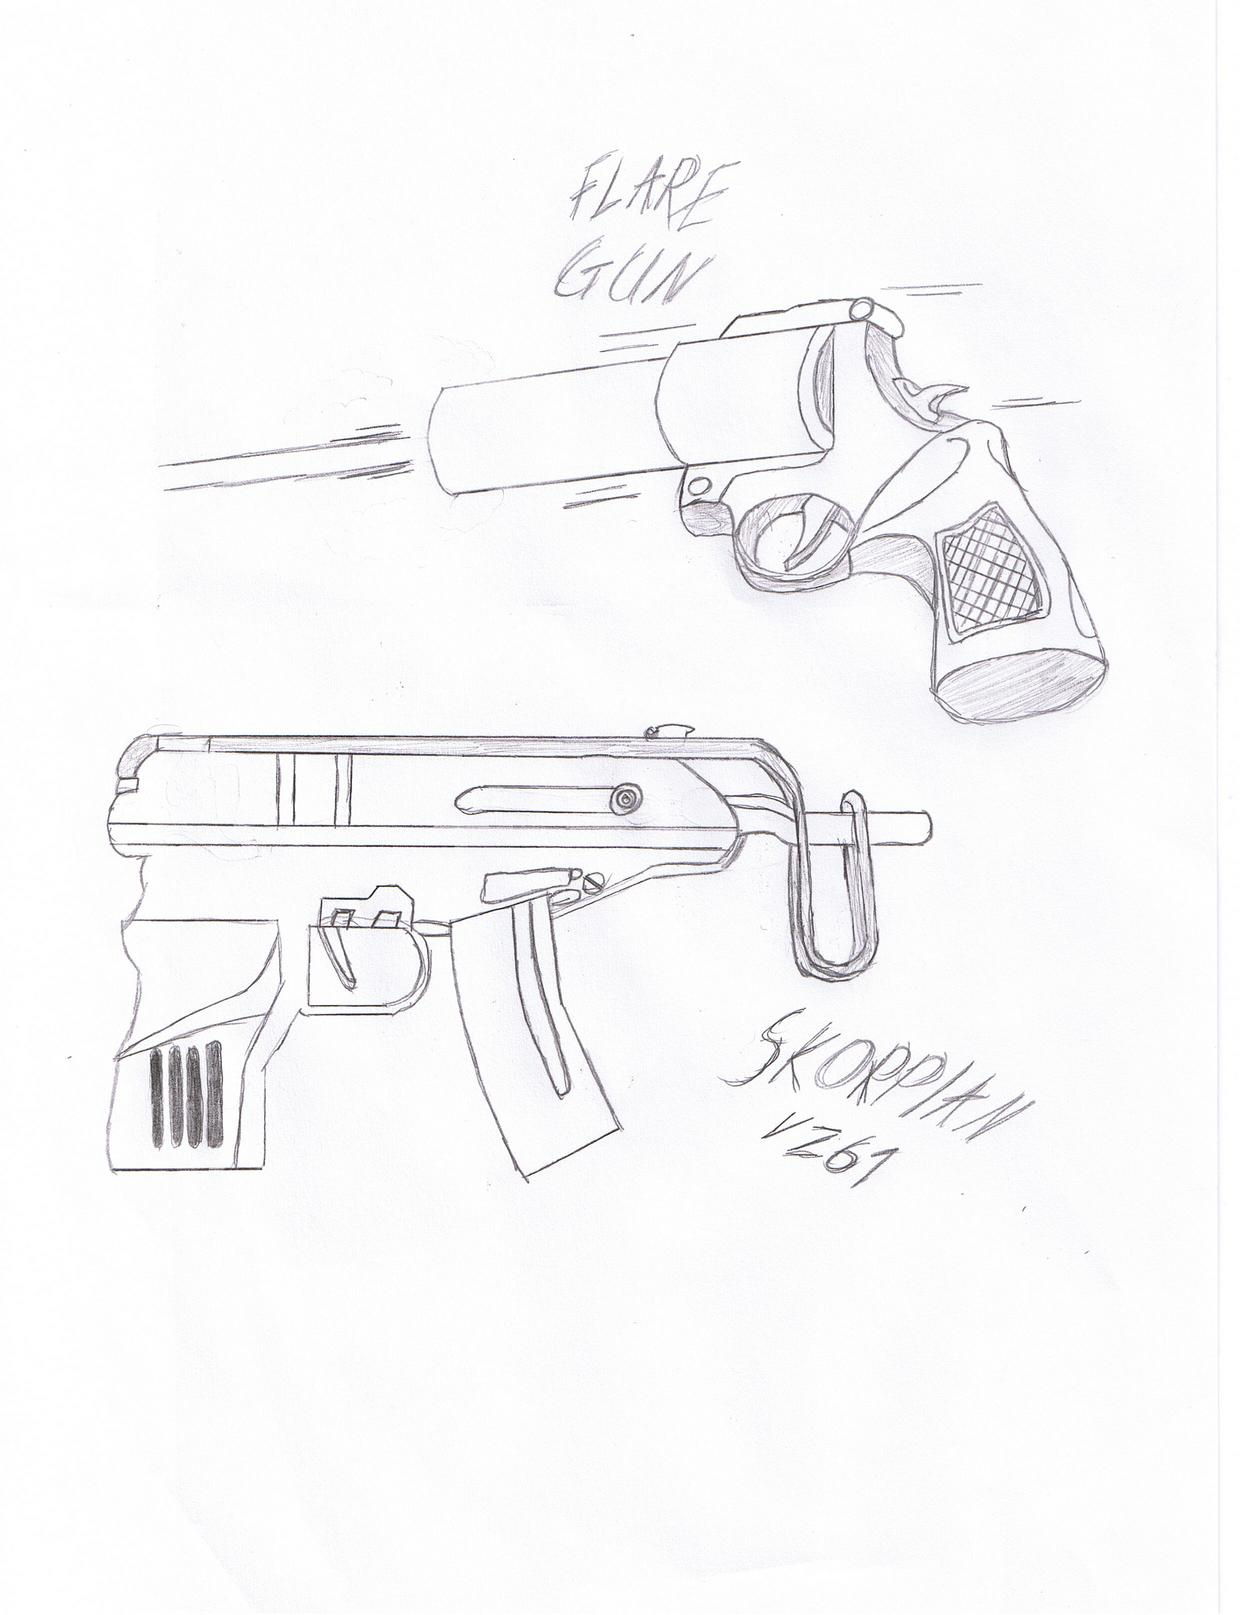 1240x1615 Flare Gun + Skorpian Sketch by sniperz42 on DeviantArt